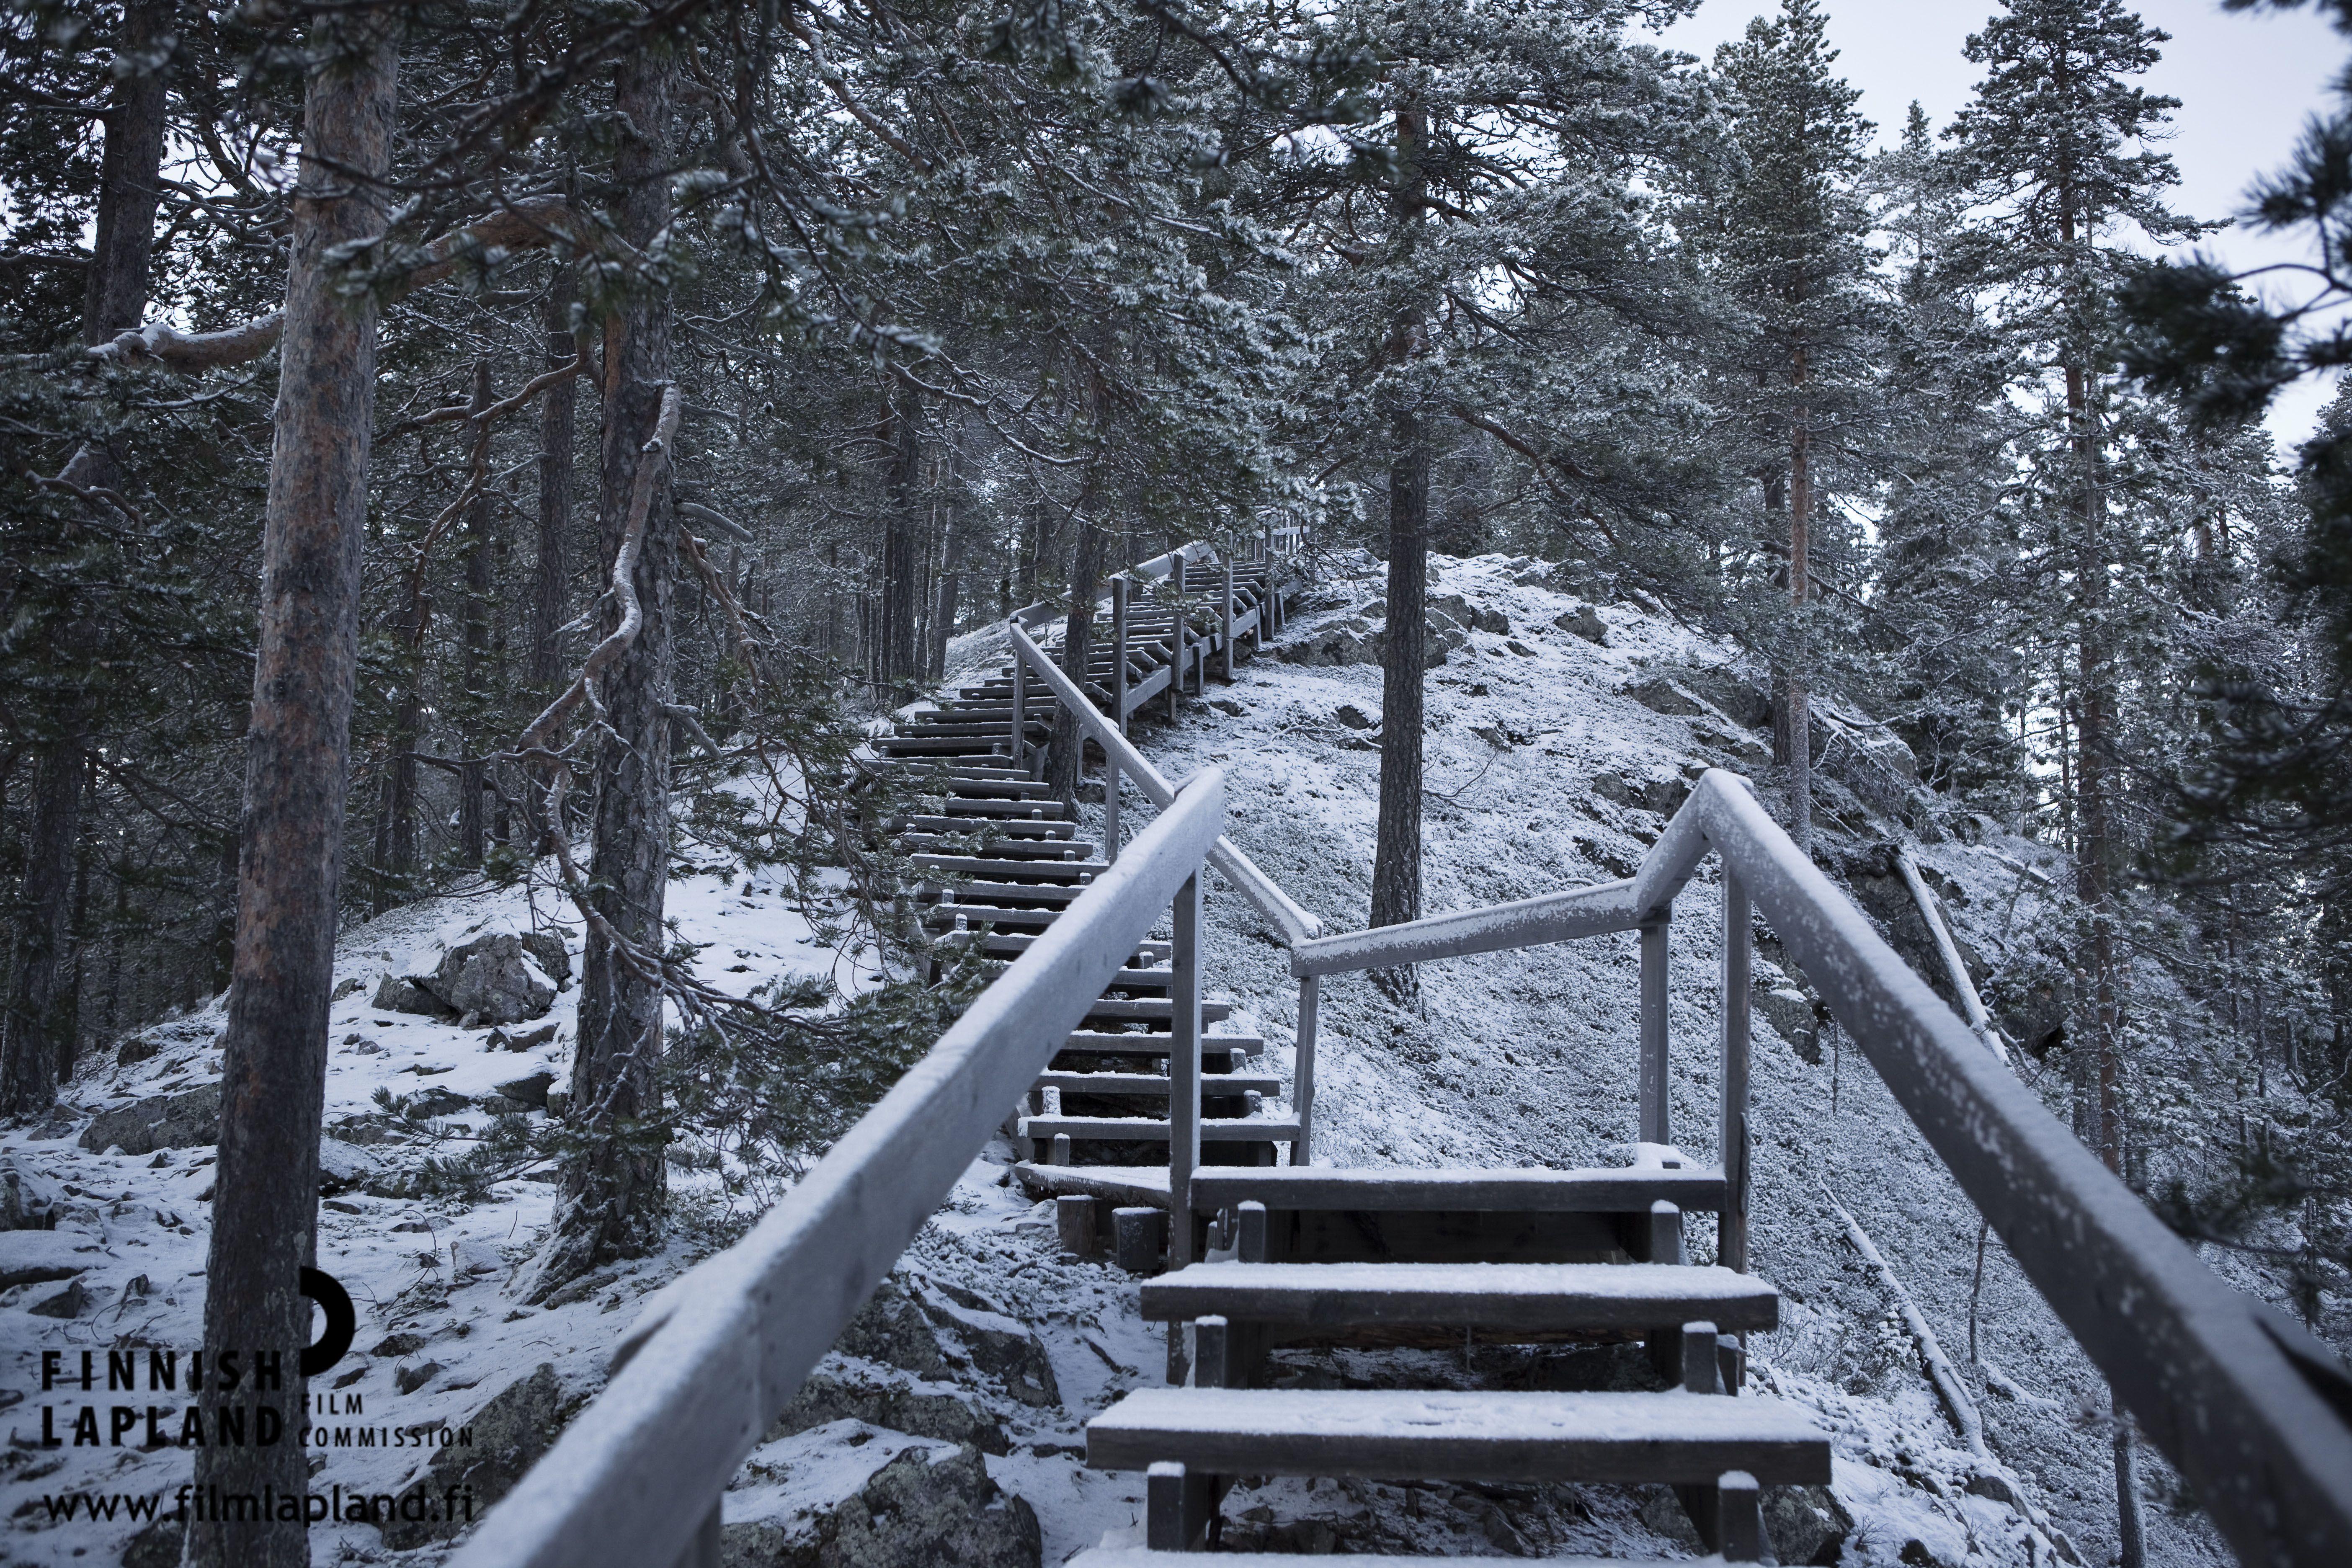 First snow at autumn in Pyhä fell, Finnish Lapland. Photo by Jani Kärppä/ Lappikuva. #filmlapland #arcticshooting #finlandlapland